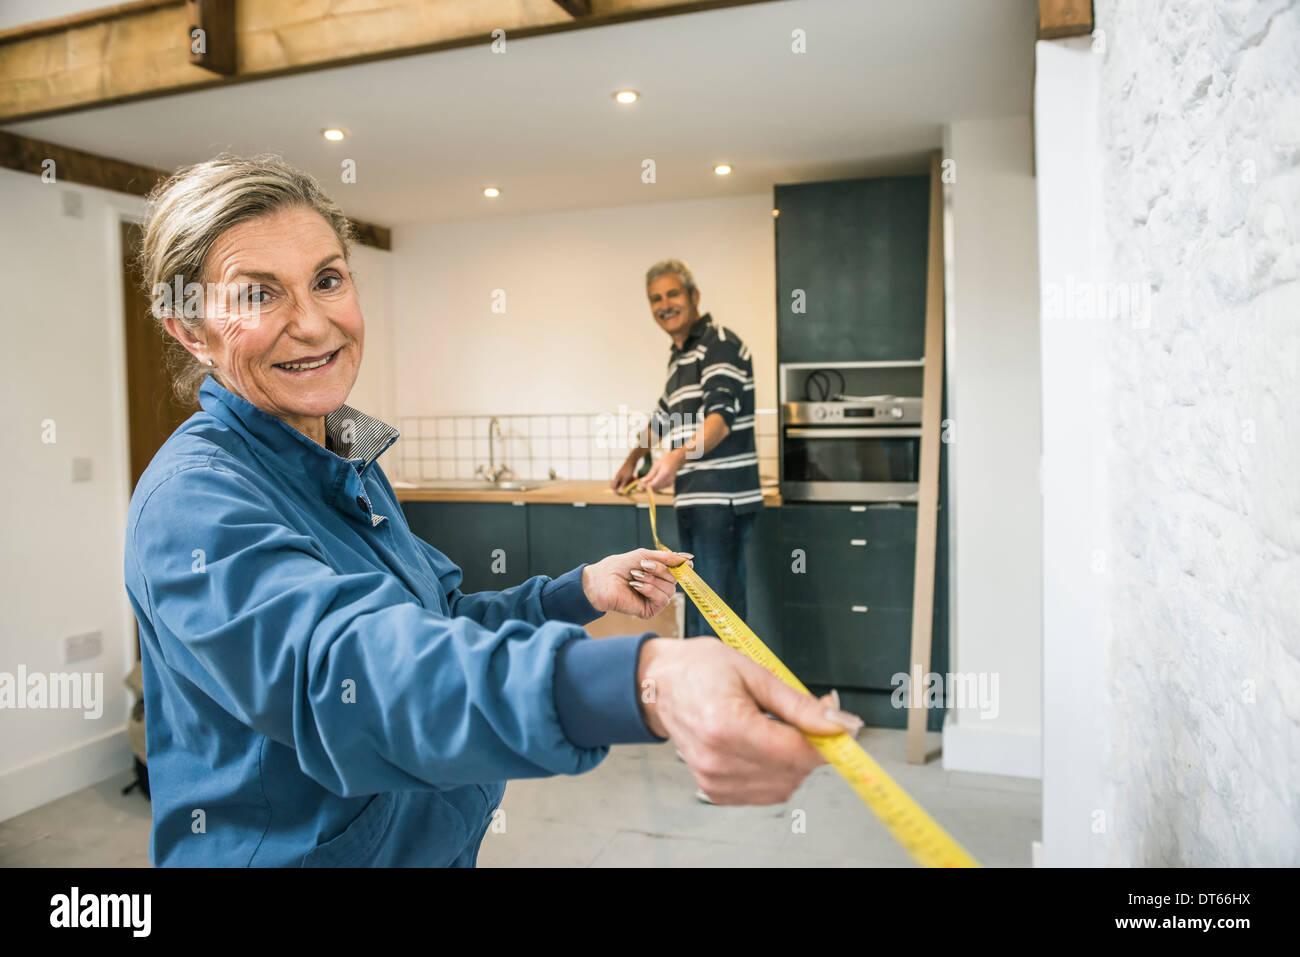 Coppia senior facendo DIY, utilizzando nastro di misurazione Immagini Stock